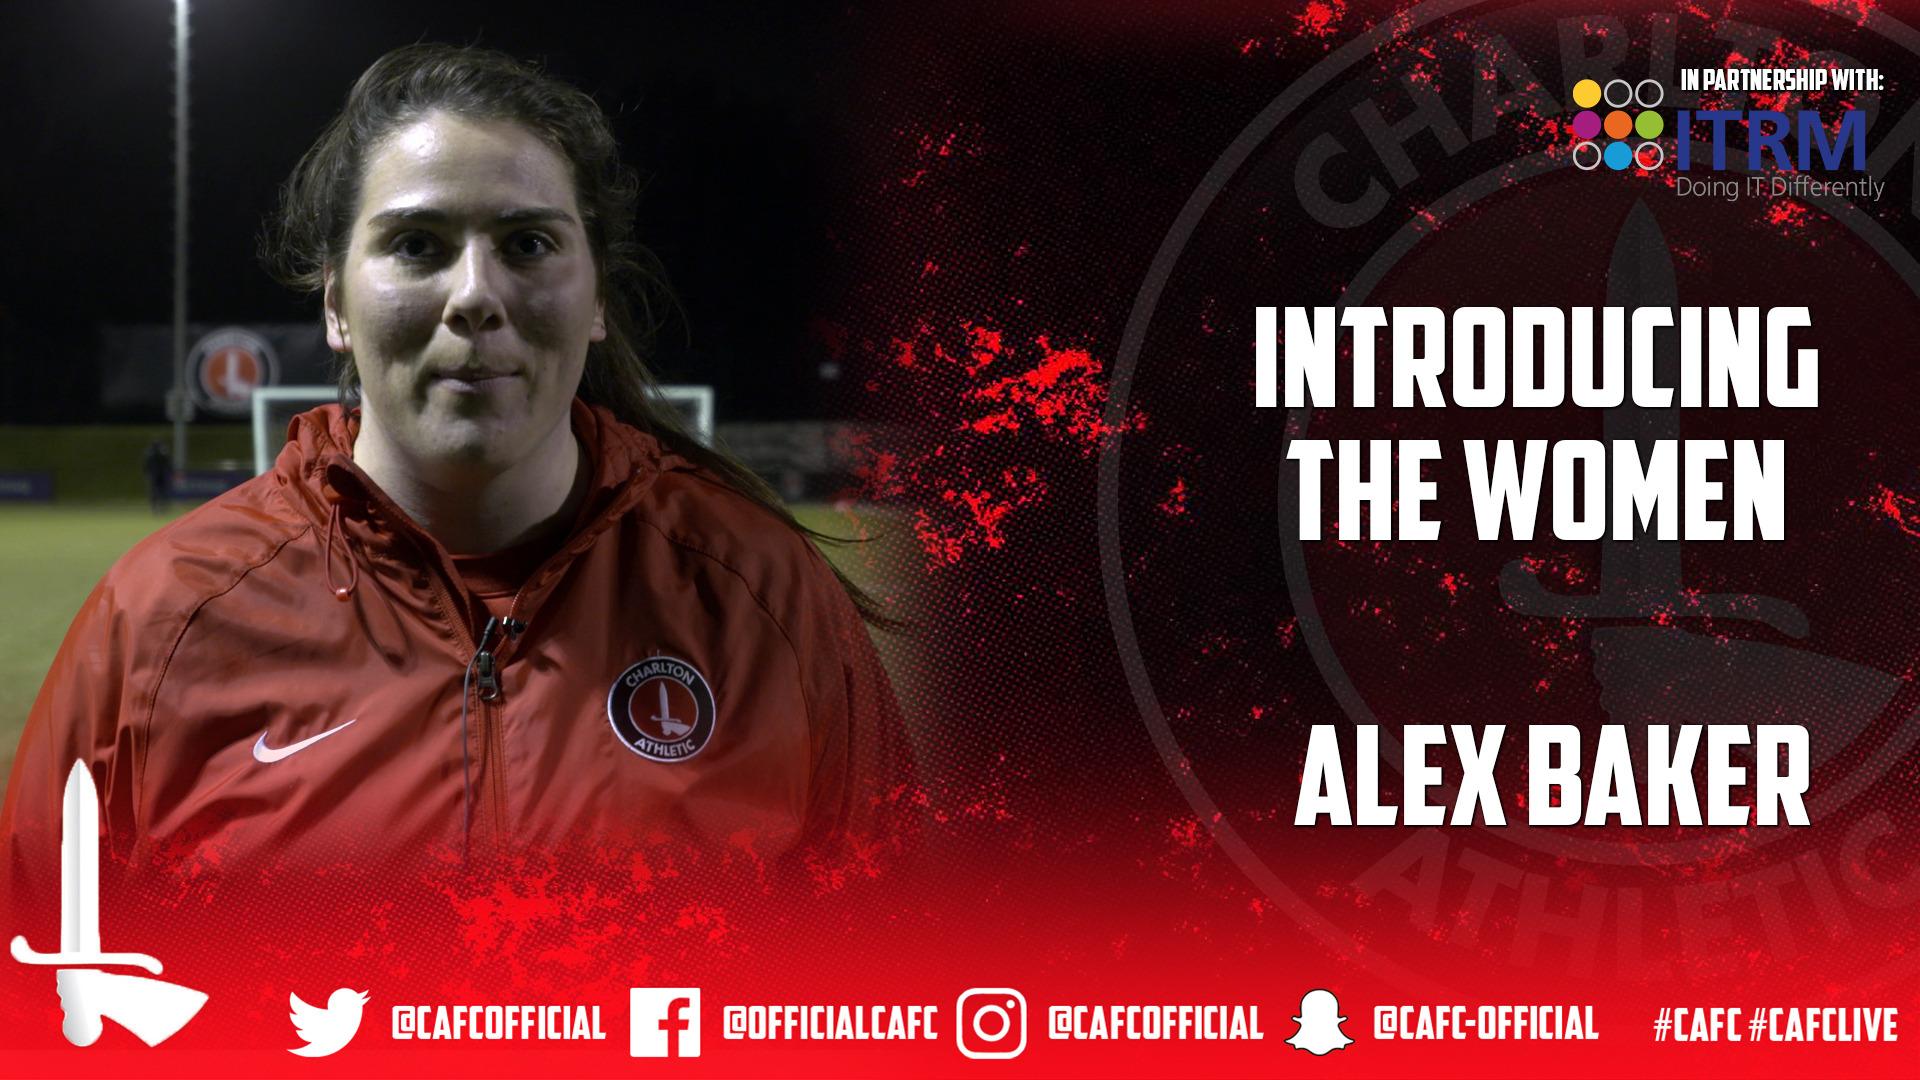 INTRODUCING THE WOMEN |  Alex Baker